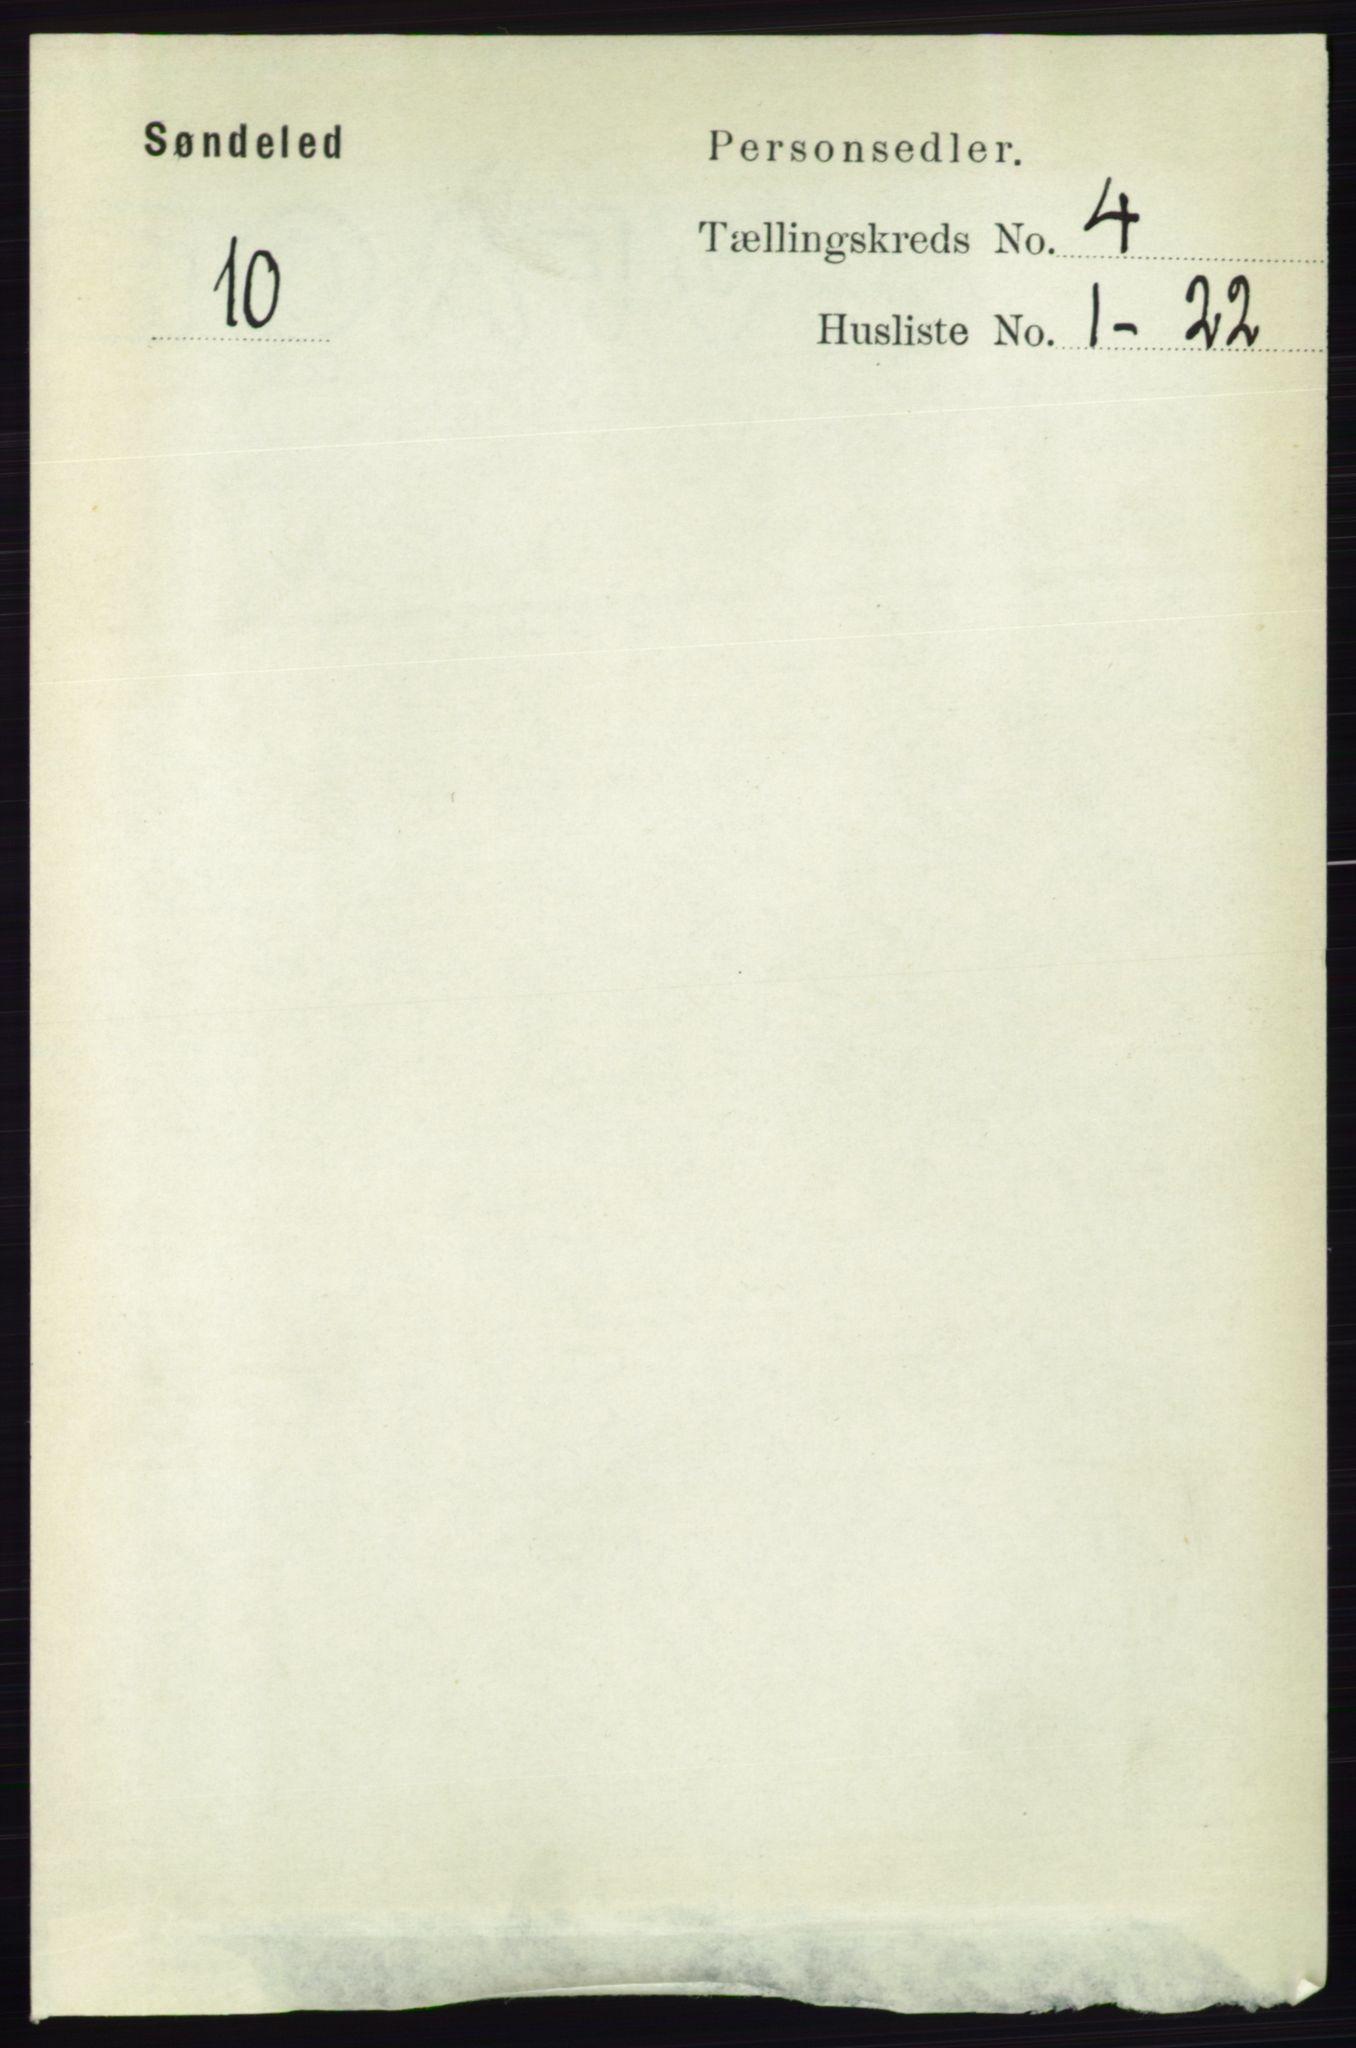 RA, Folketelling 1891 for 0913 Søndeled herred, 1891, s. 876